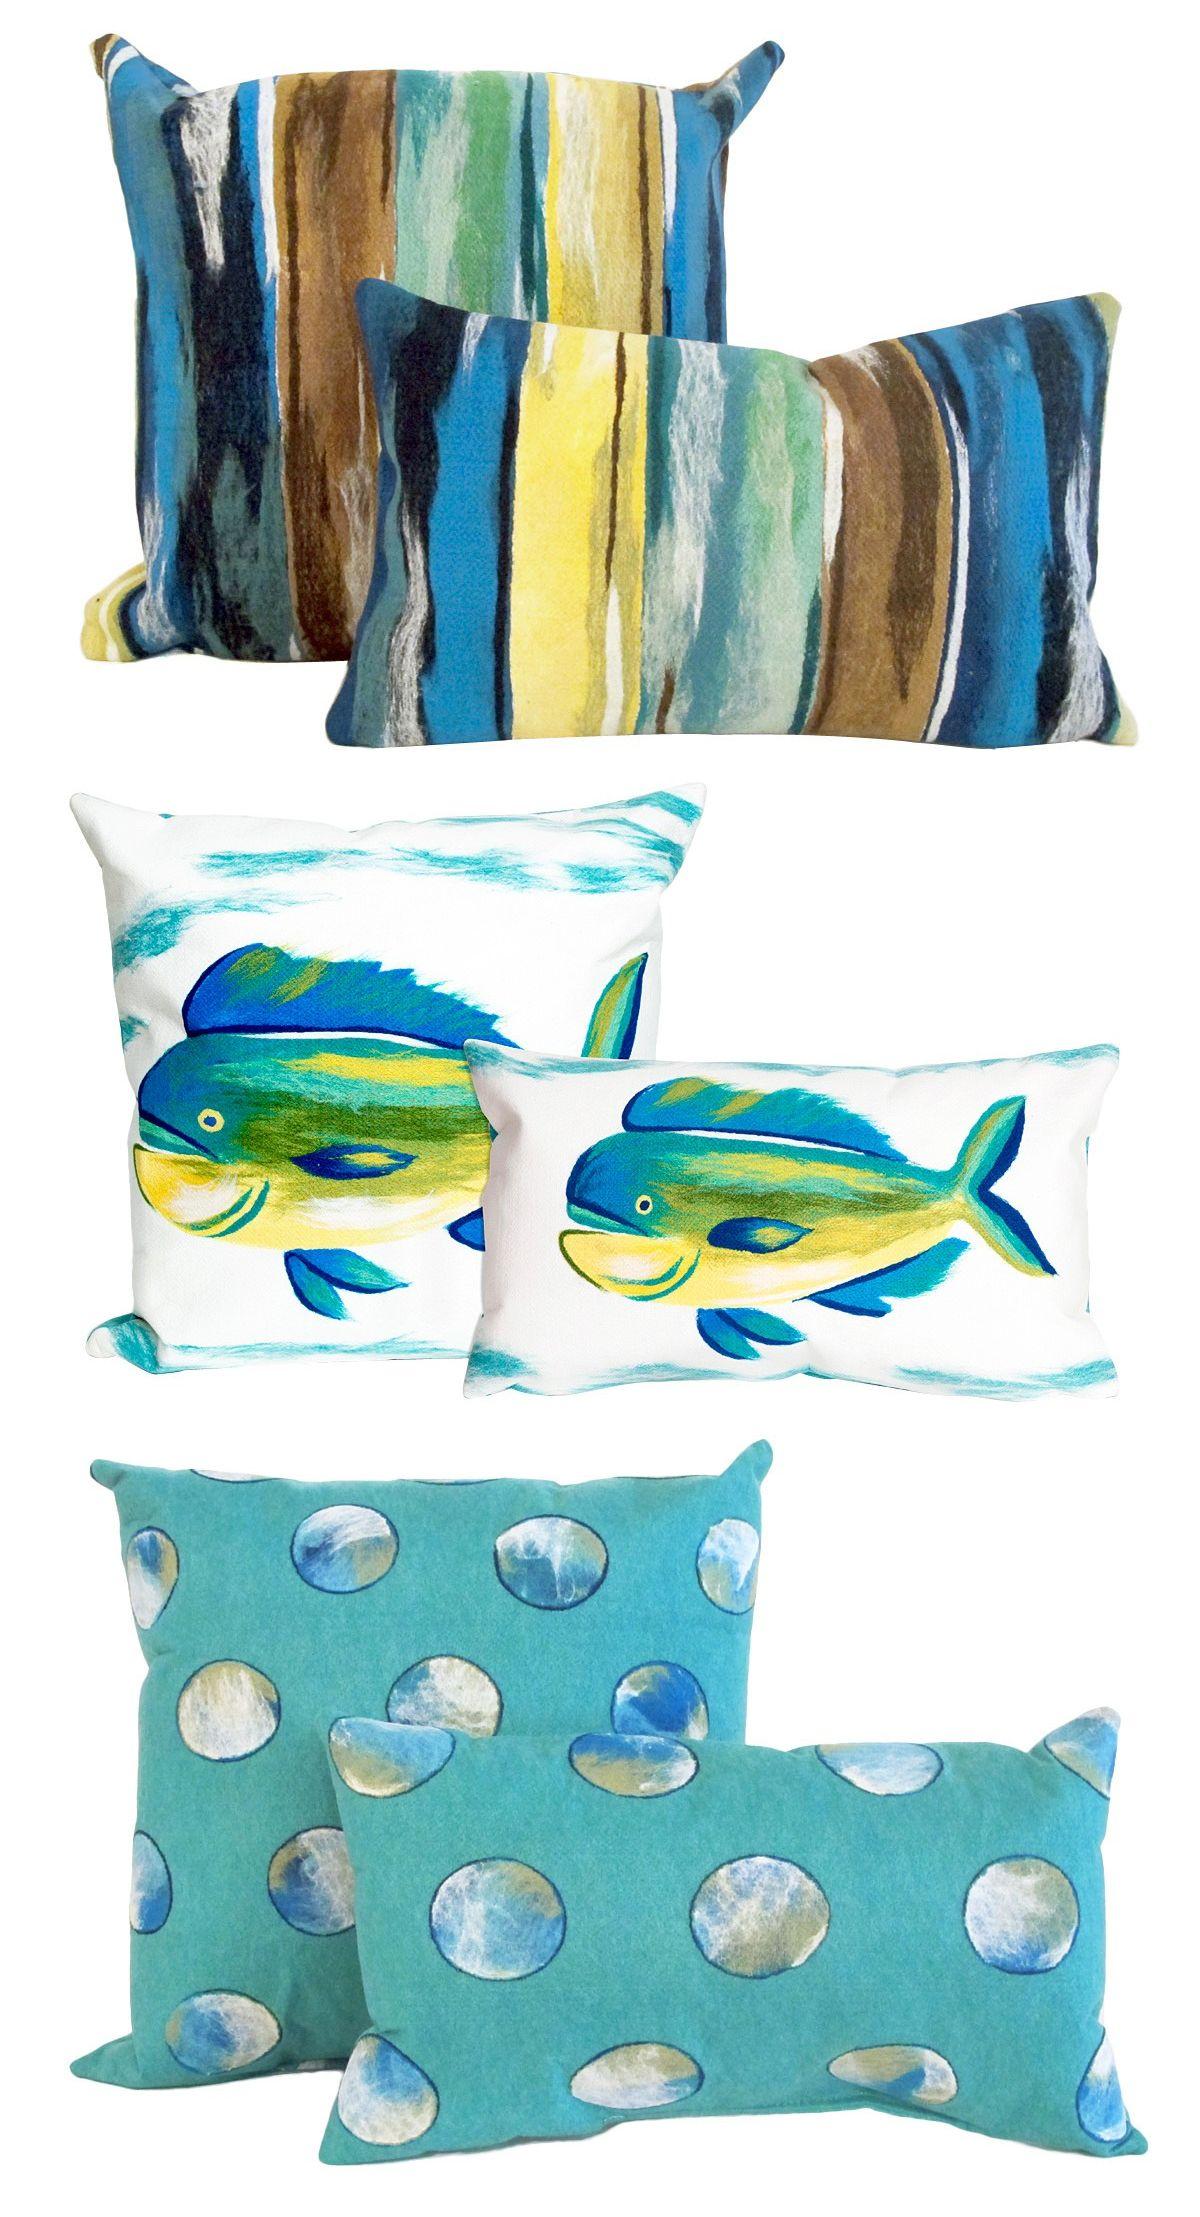 Oceanside or Lakeside Pillows!